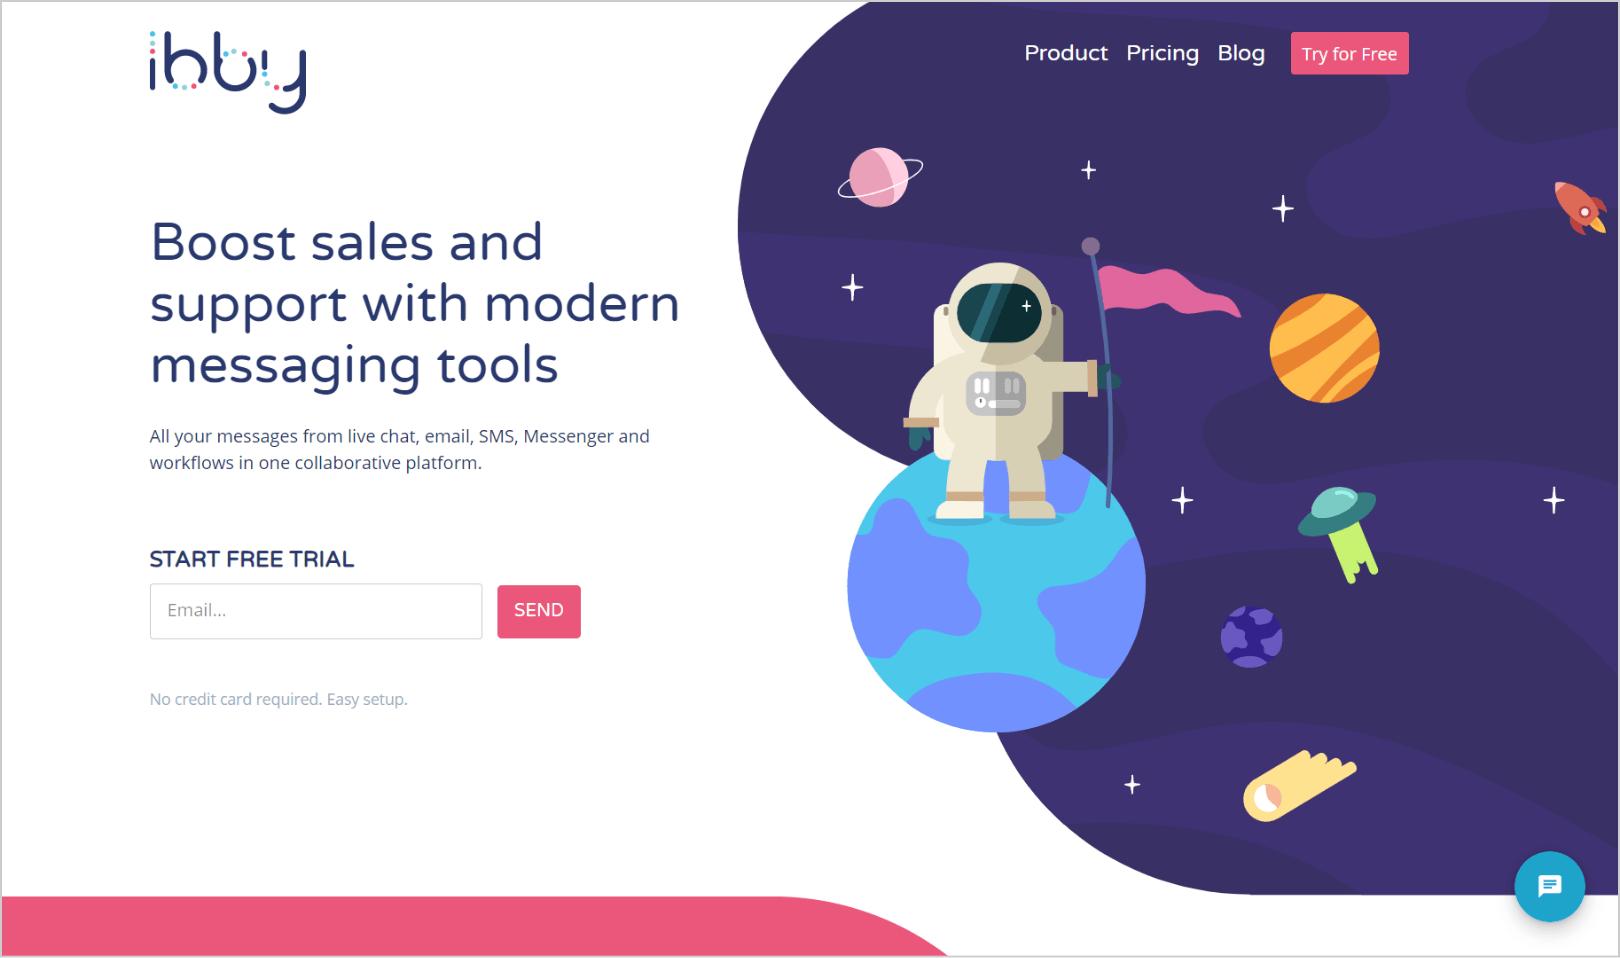 Ibby messaging platform startup